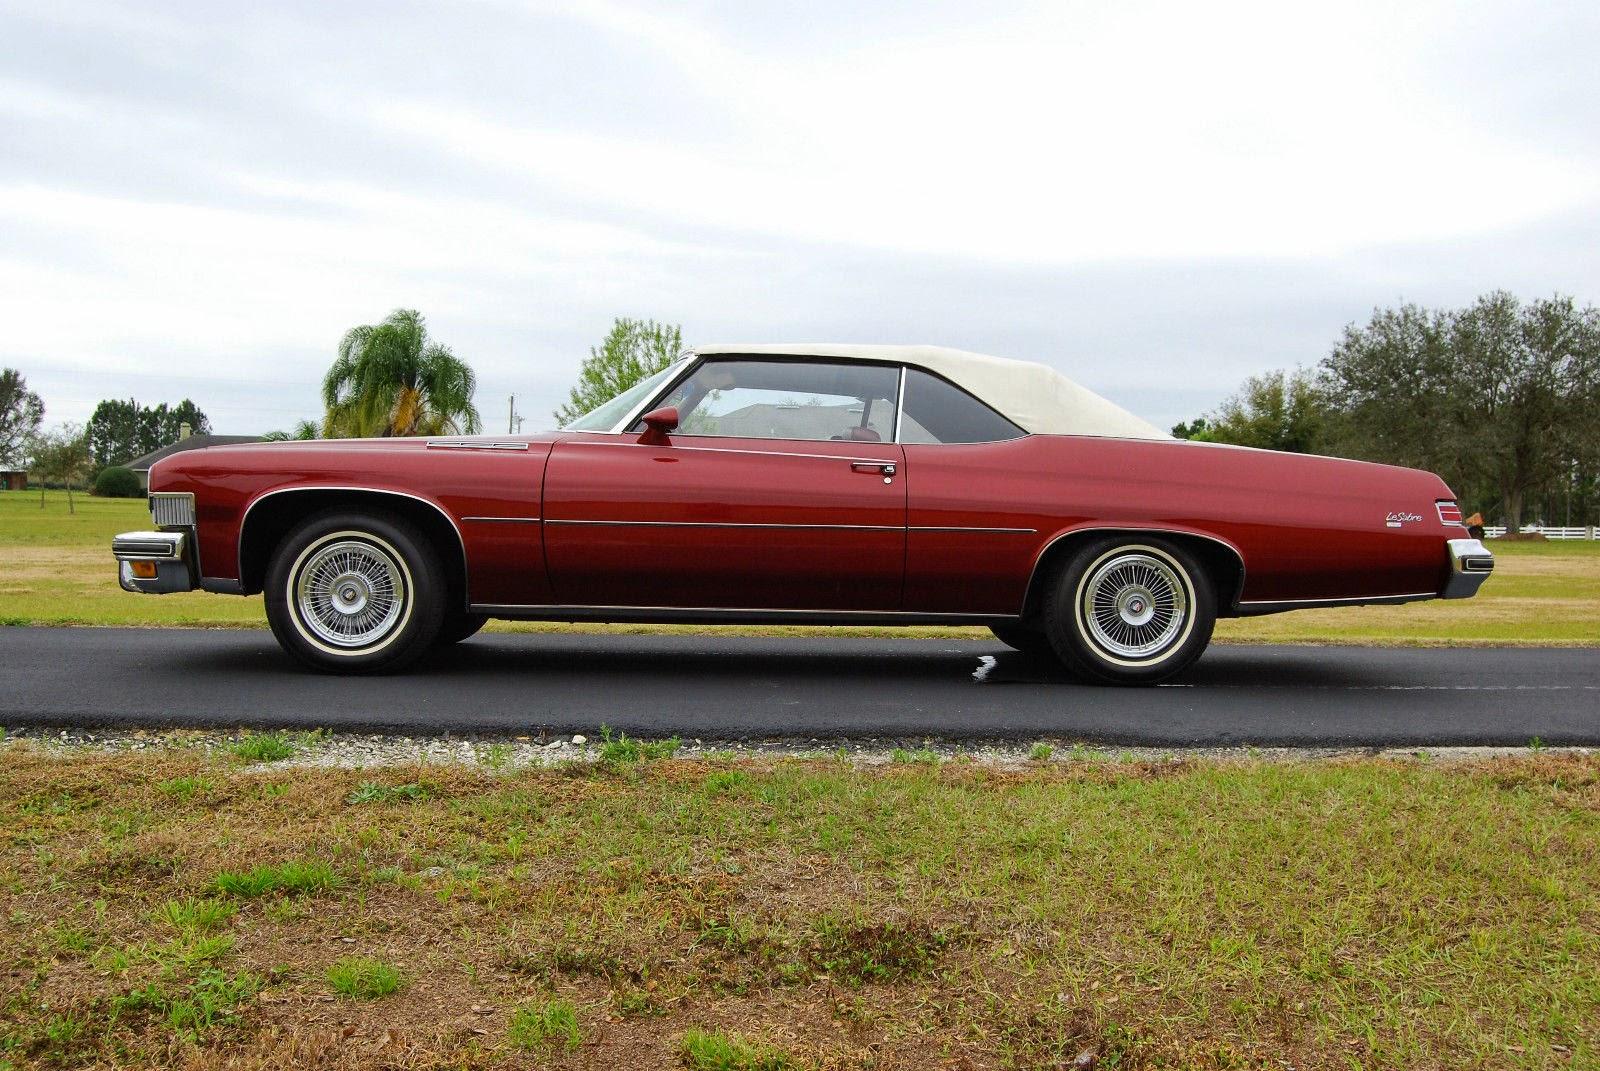 1968 buick electra 225 2 door hardtop front 3 4 81136 - All American Classic Cars 1974 Buick Lesabre Luxus 2door Convertible